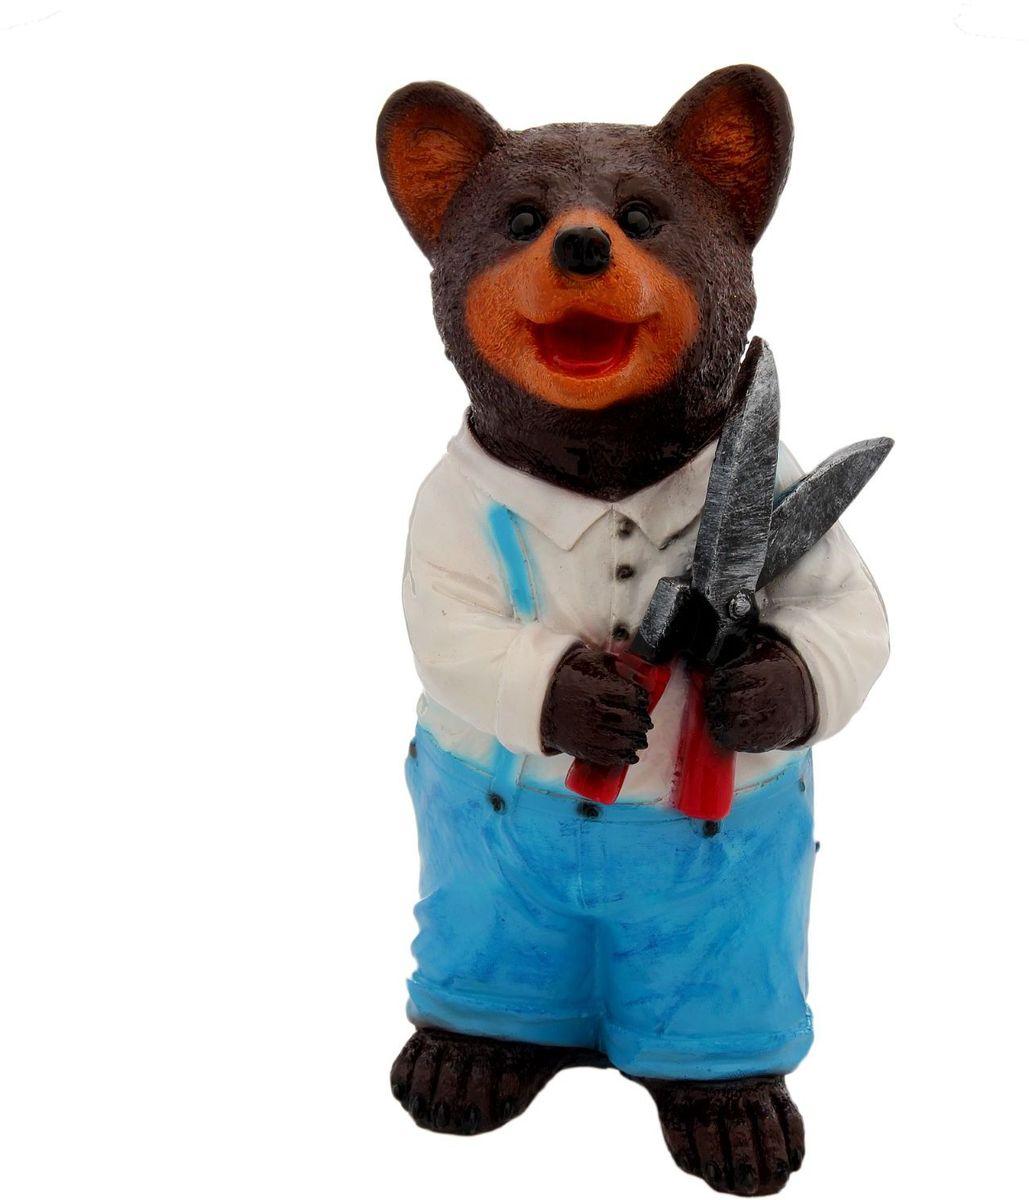 Фигура садовая Premium Gips Медведь с ножницами, 16 х 16 х 34 см2226821Летом практически каждая семья стремится проводить больше времени за городом. Прекрасный выбор для комфортного отдыха и эффективного труда на даче, который будет радовать вас достойным качеством.